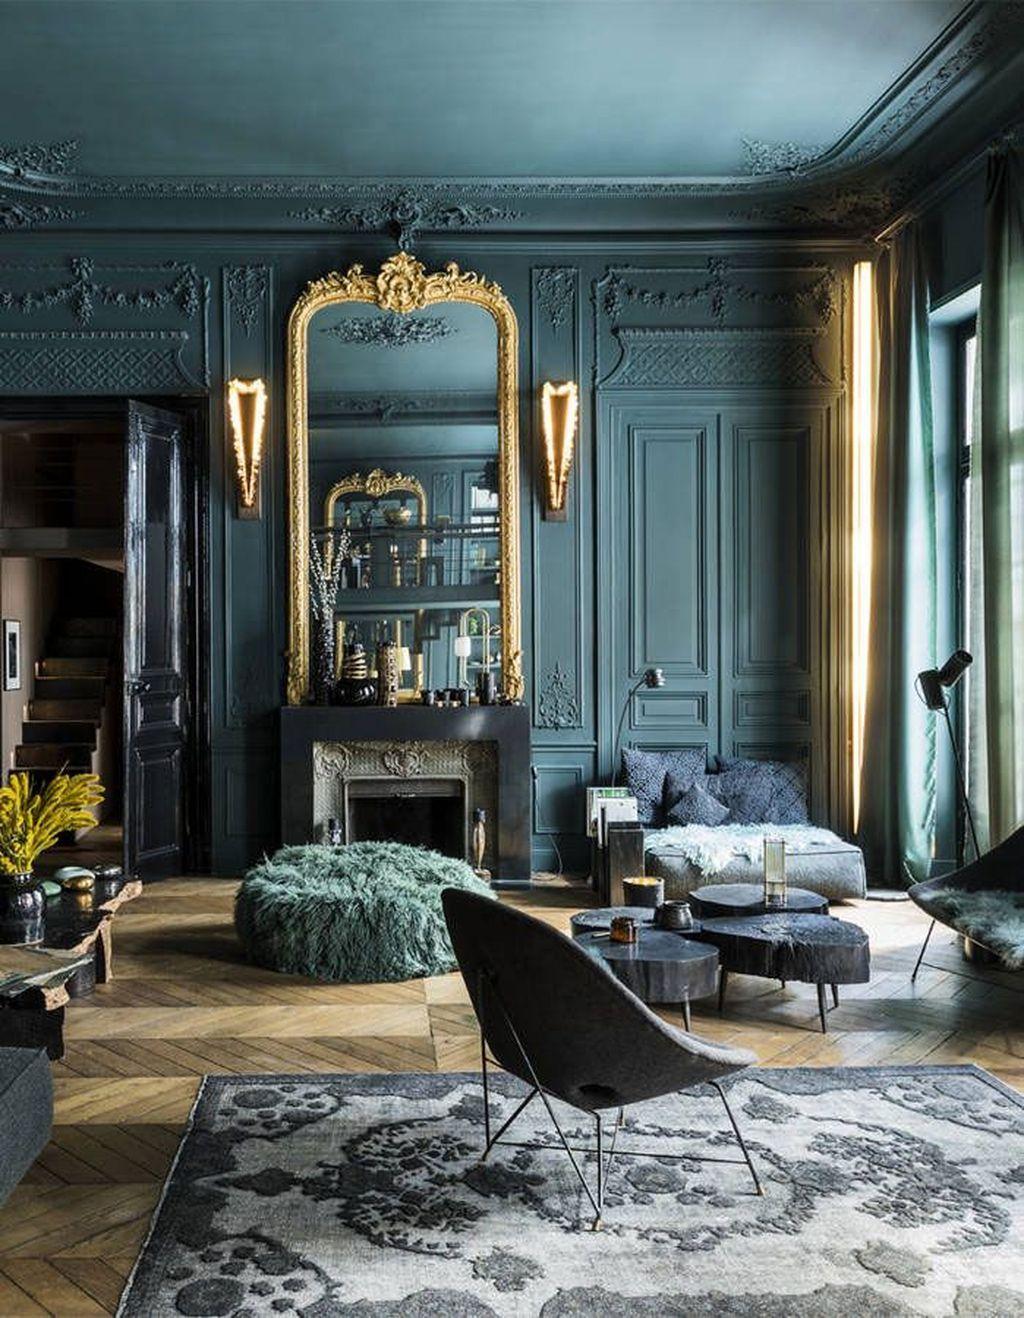 Paris apartment interiors apartment interior design interior designing interior ideas parisian apartment